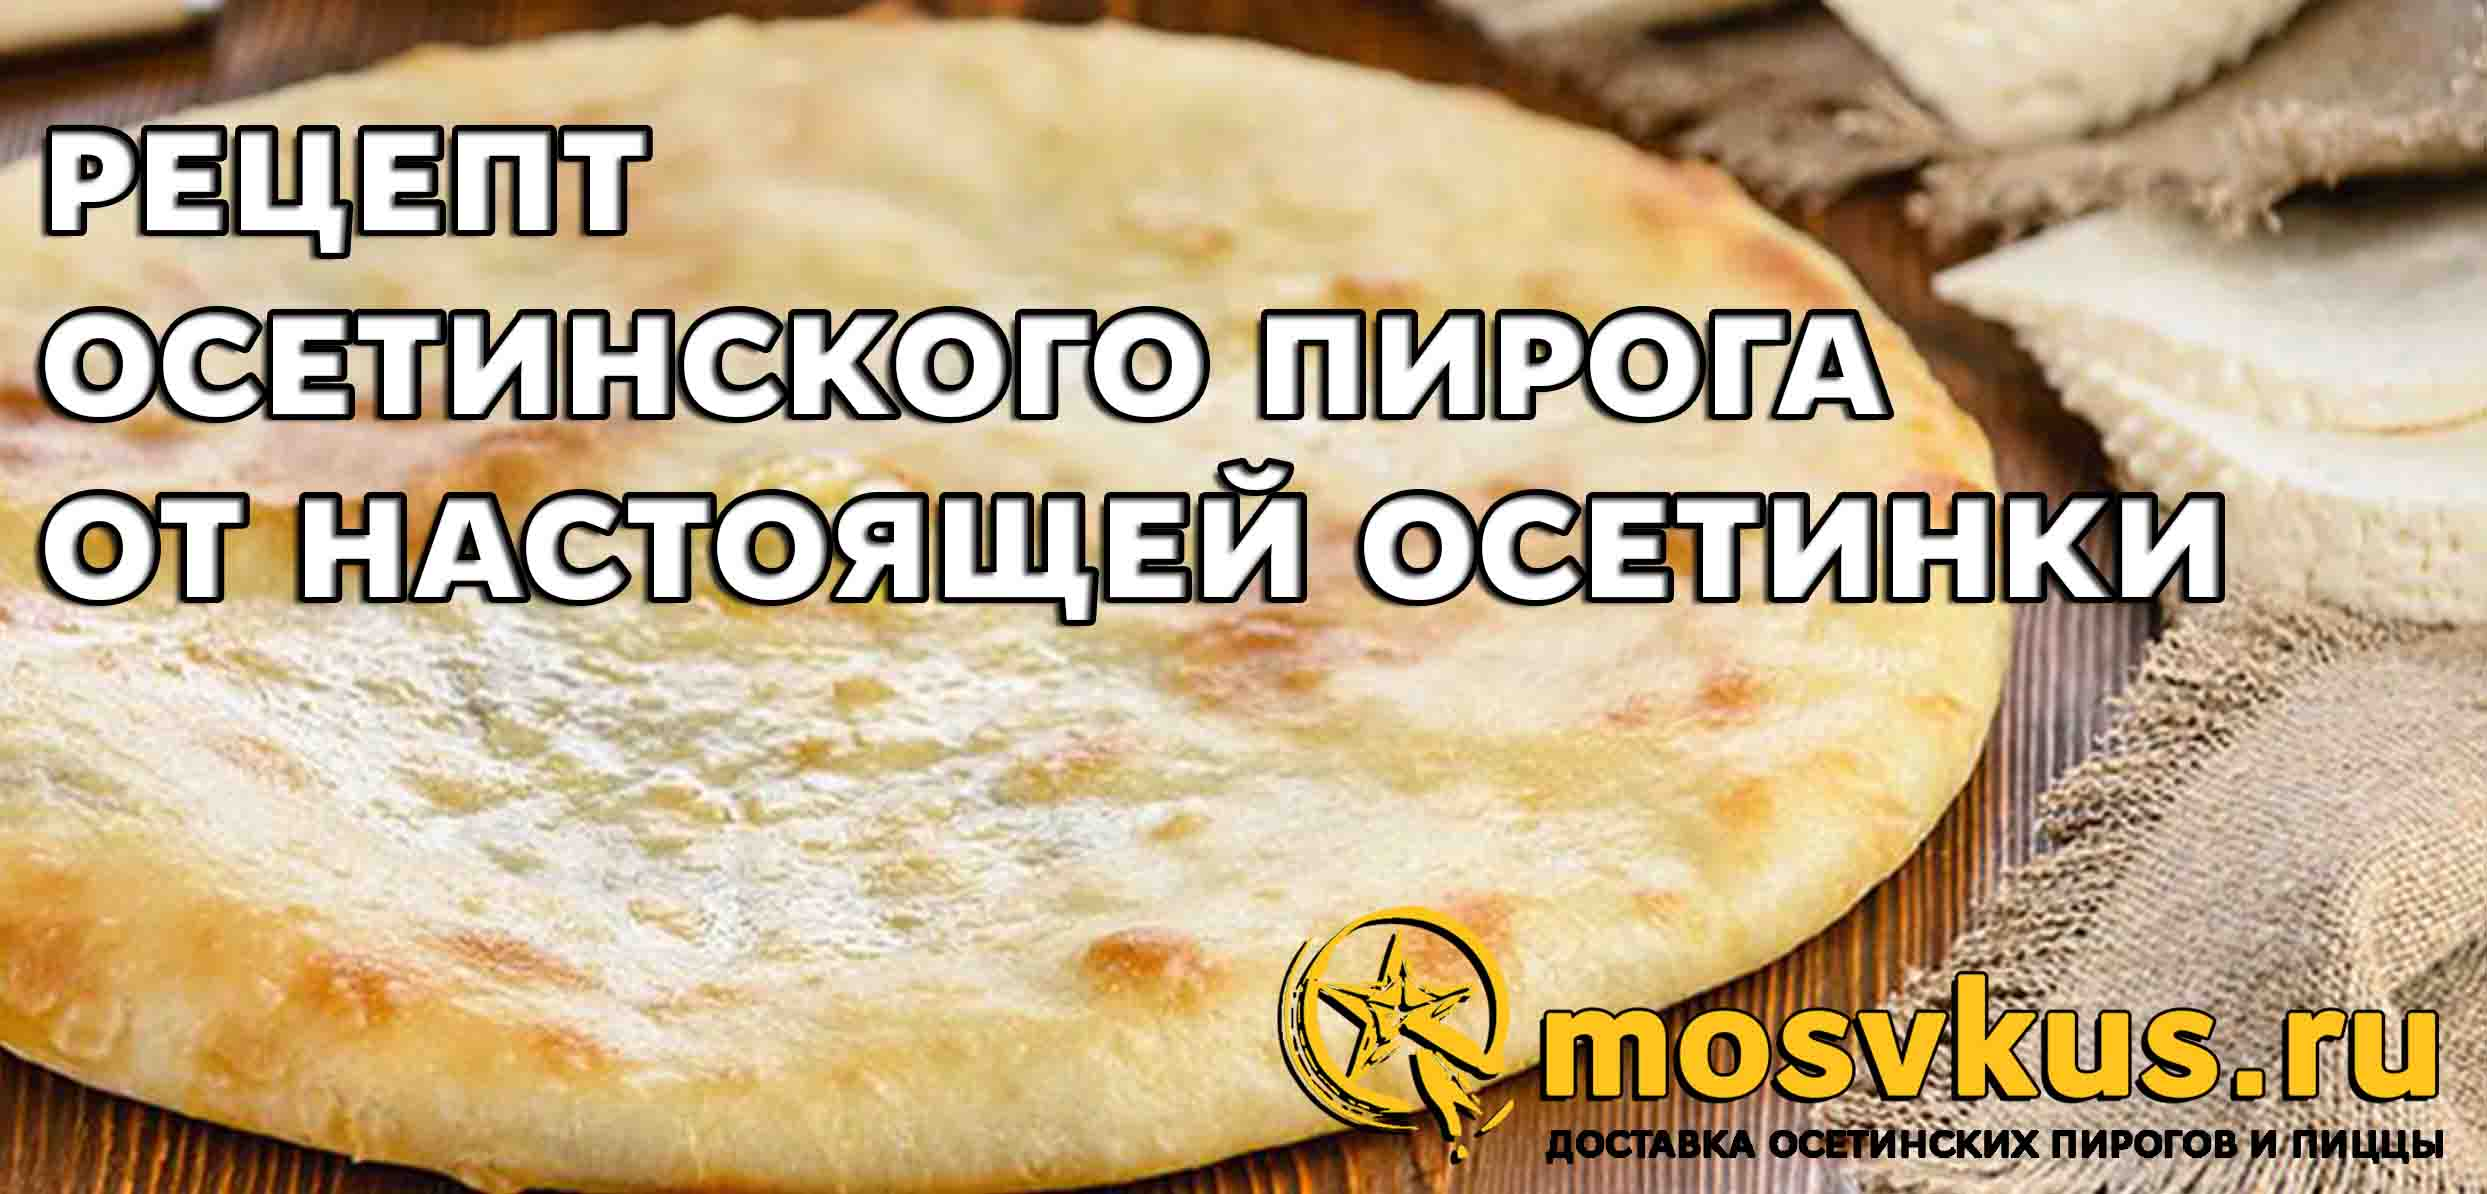 Рецепт осетинского пирога от настоящей осетинки